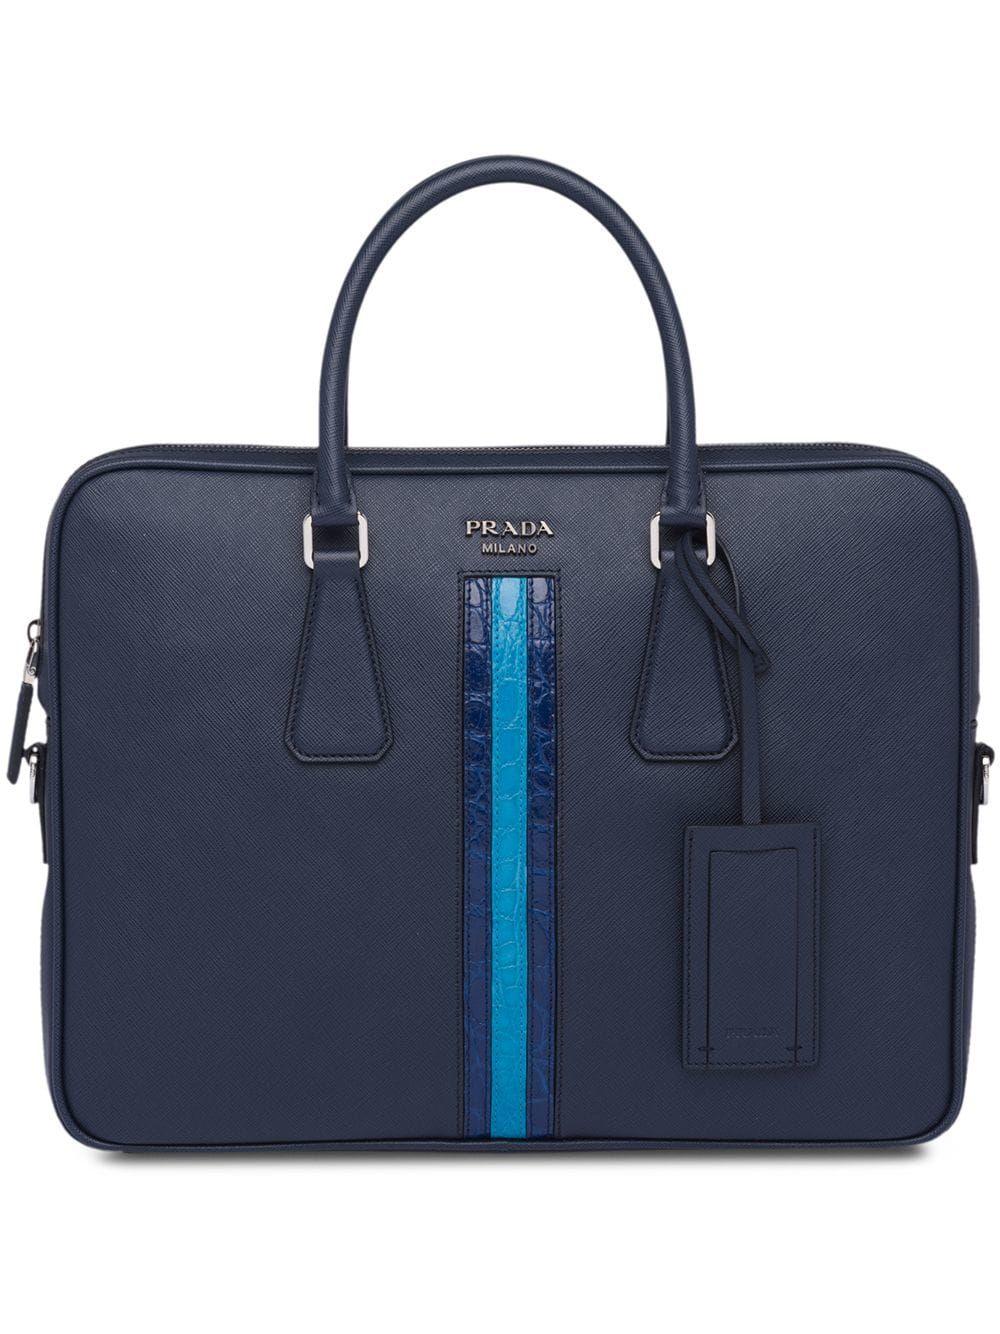 8592b884a1 PRADA PRADA LOGO ZIPPED LAPTOP BAG - BLUE.  prada  bags  leather ...